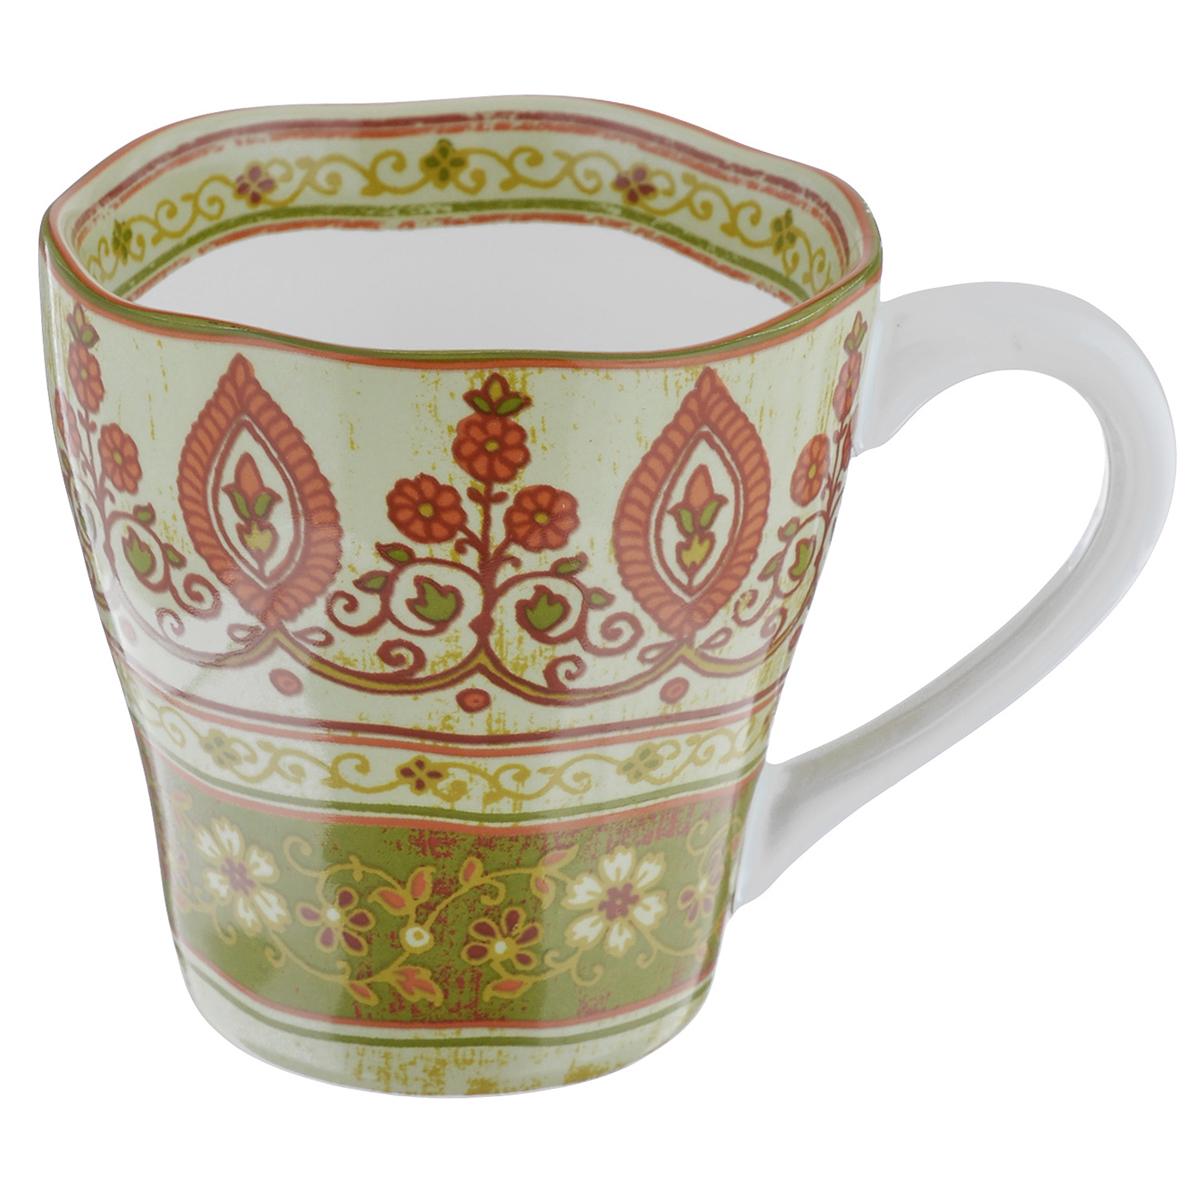 Кружка Utana Кашмир, 450 млUTG41601Кружка Utana Кашмир, выполненная из высококачественной керамики, декорирована орнаментом. Изделие оснащено удобной ручкой. Кружка сочетает в себе оригинальный дизайн и функциональность. Благодаря такой кружке пить напитки будет еще вкуснее. Кружка Utana Кашмир согреет вас долгими холодными вечерами. Можно использовать в посудомоечной машине и микроволновой печи. Объем: 450 мл. Диаметр (по верхнему краю): 10 см. Высота кружки: 10,5 см.